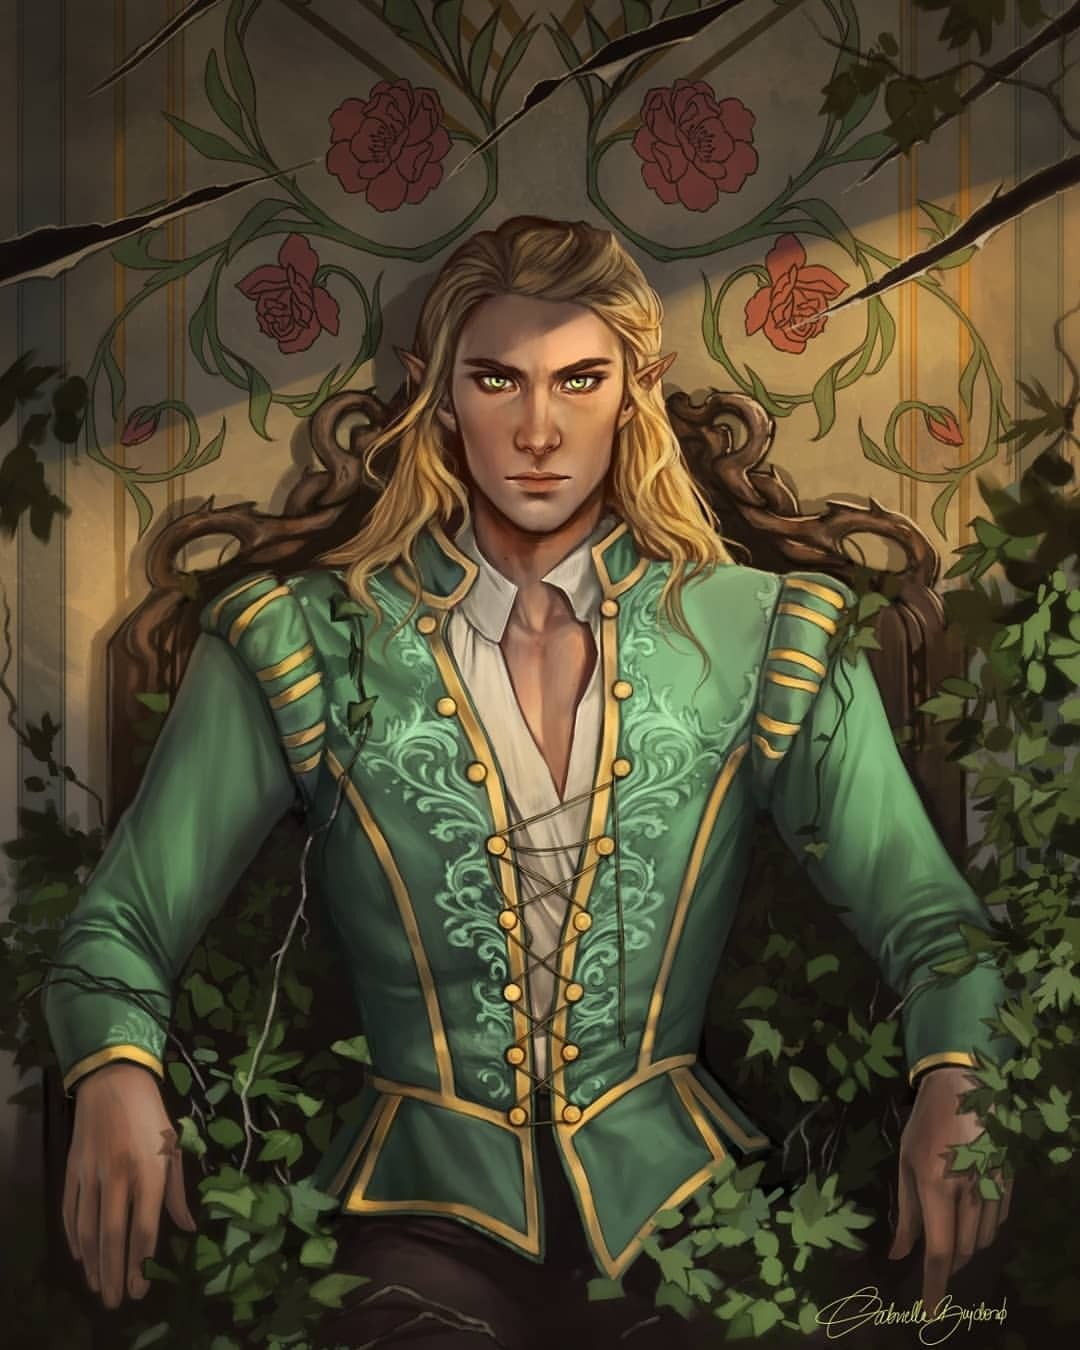 Pin De Jadenriver Em A Court Of Thorns And Roses Com Imagens